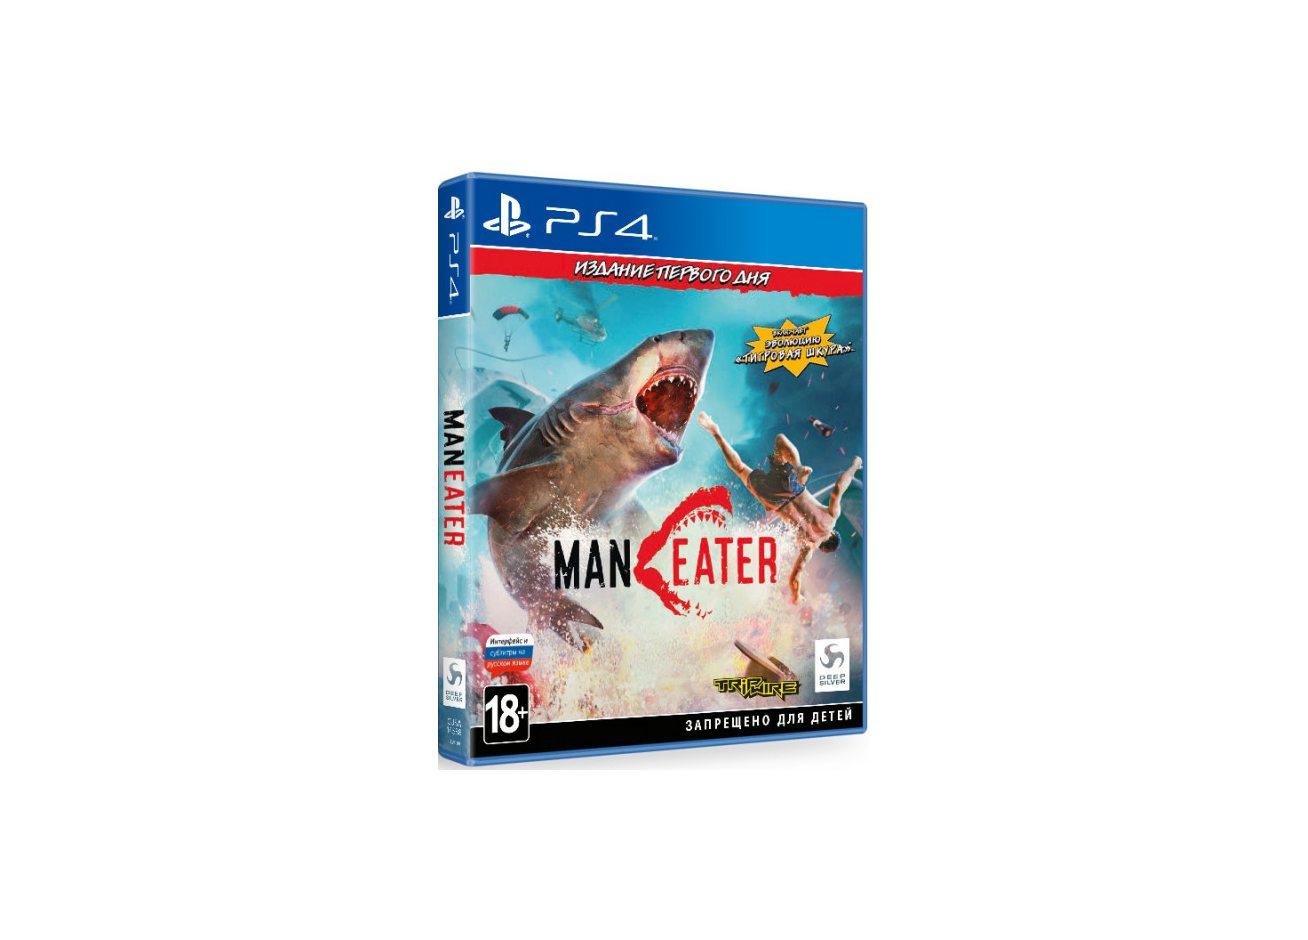 PS 4 Maneater. Издание первого дня PS 4